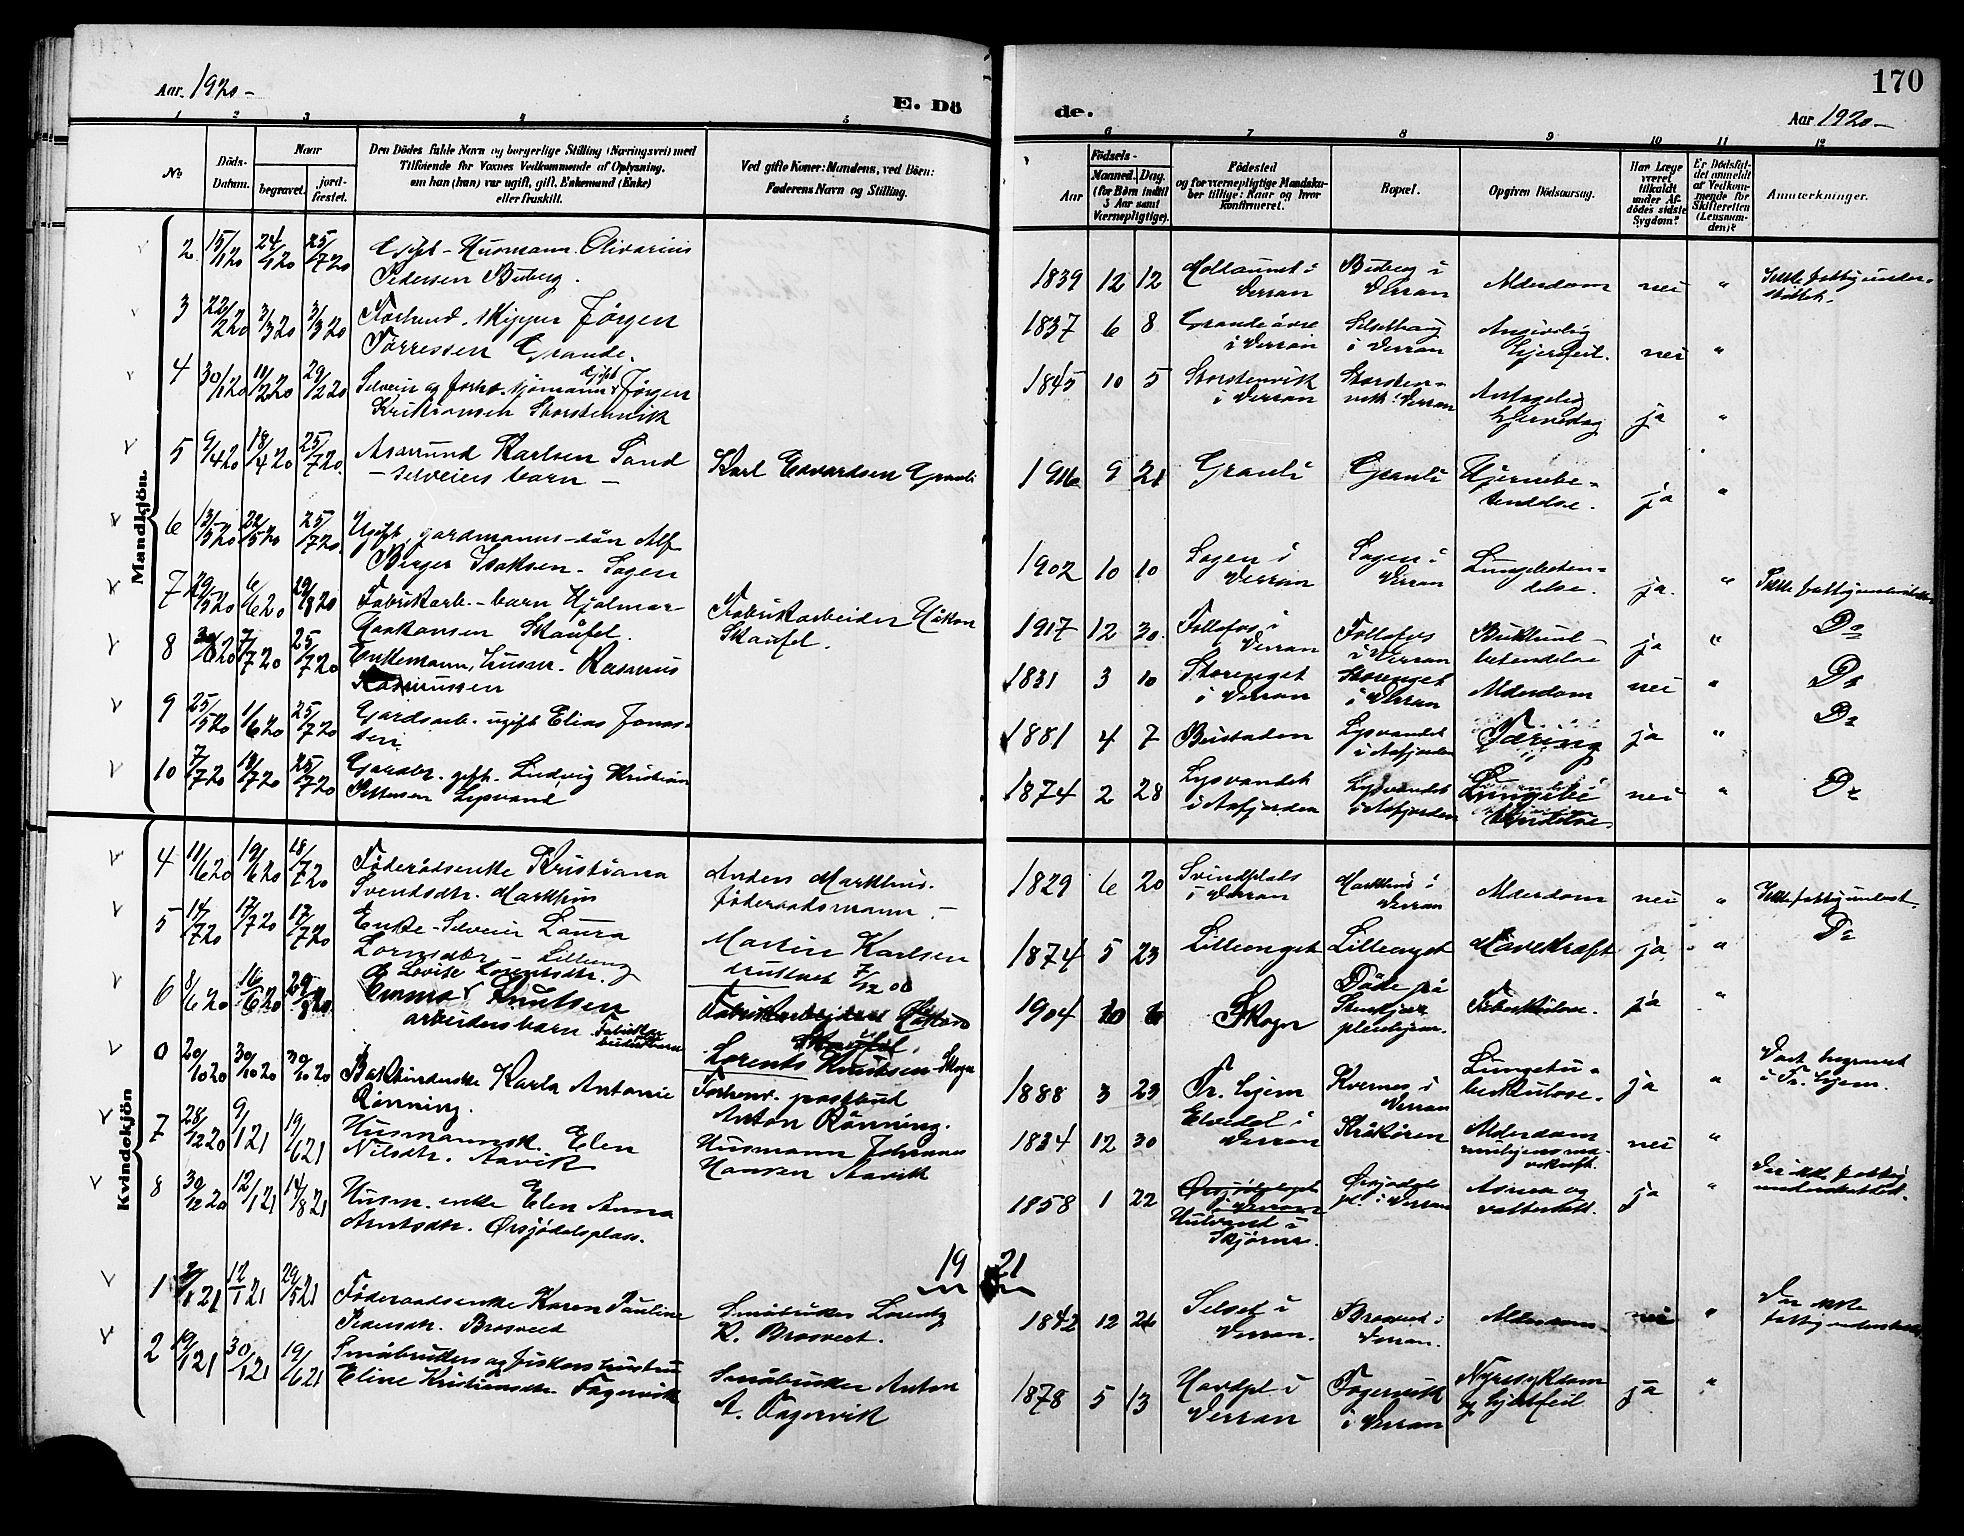 SAT, Ministerialprotokoller, klokkerbøker og fødselsregistre - Nord-Trøndelag, 744/L0424: Klokkerbok nr. 744C03, 1906-1923, s. 170